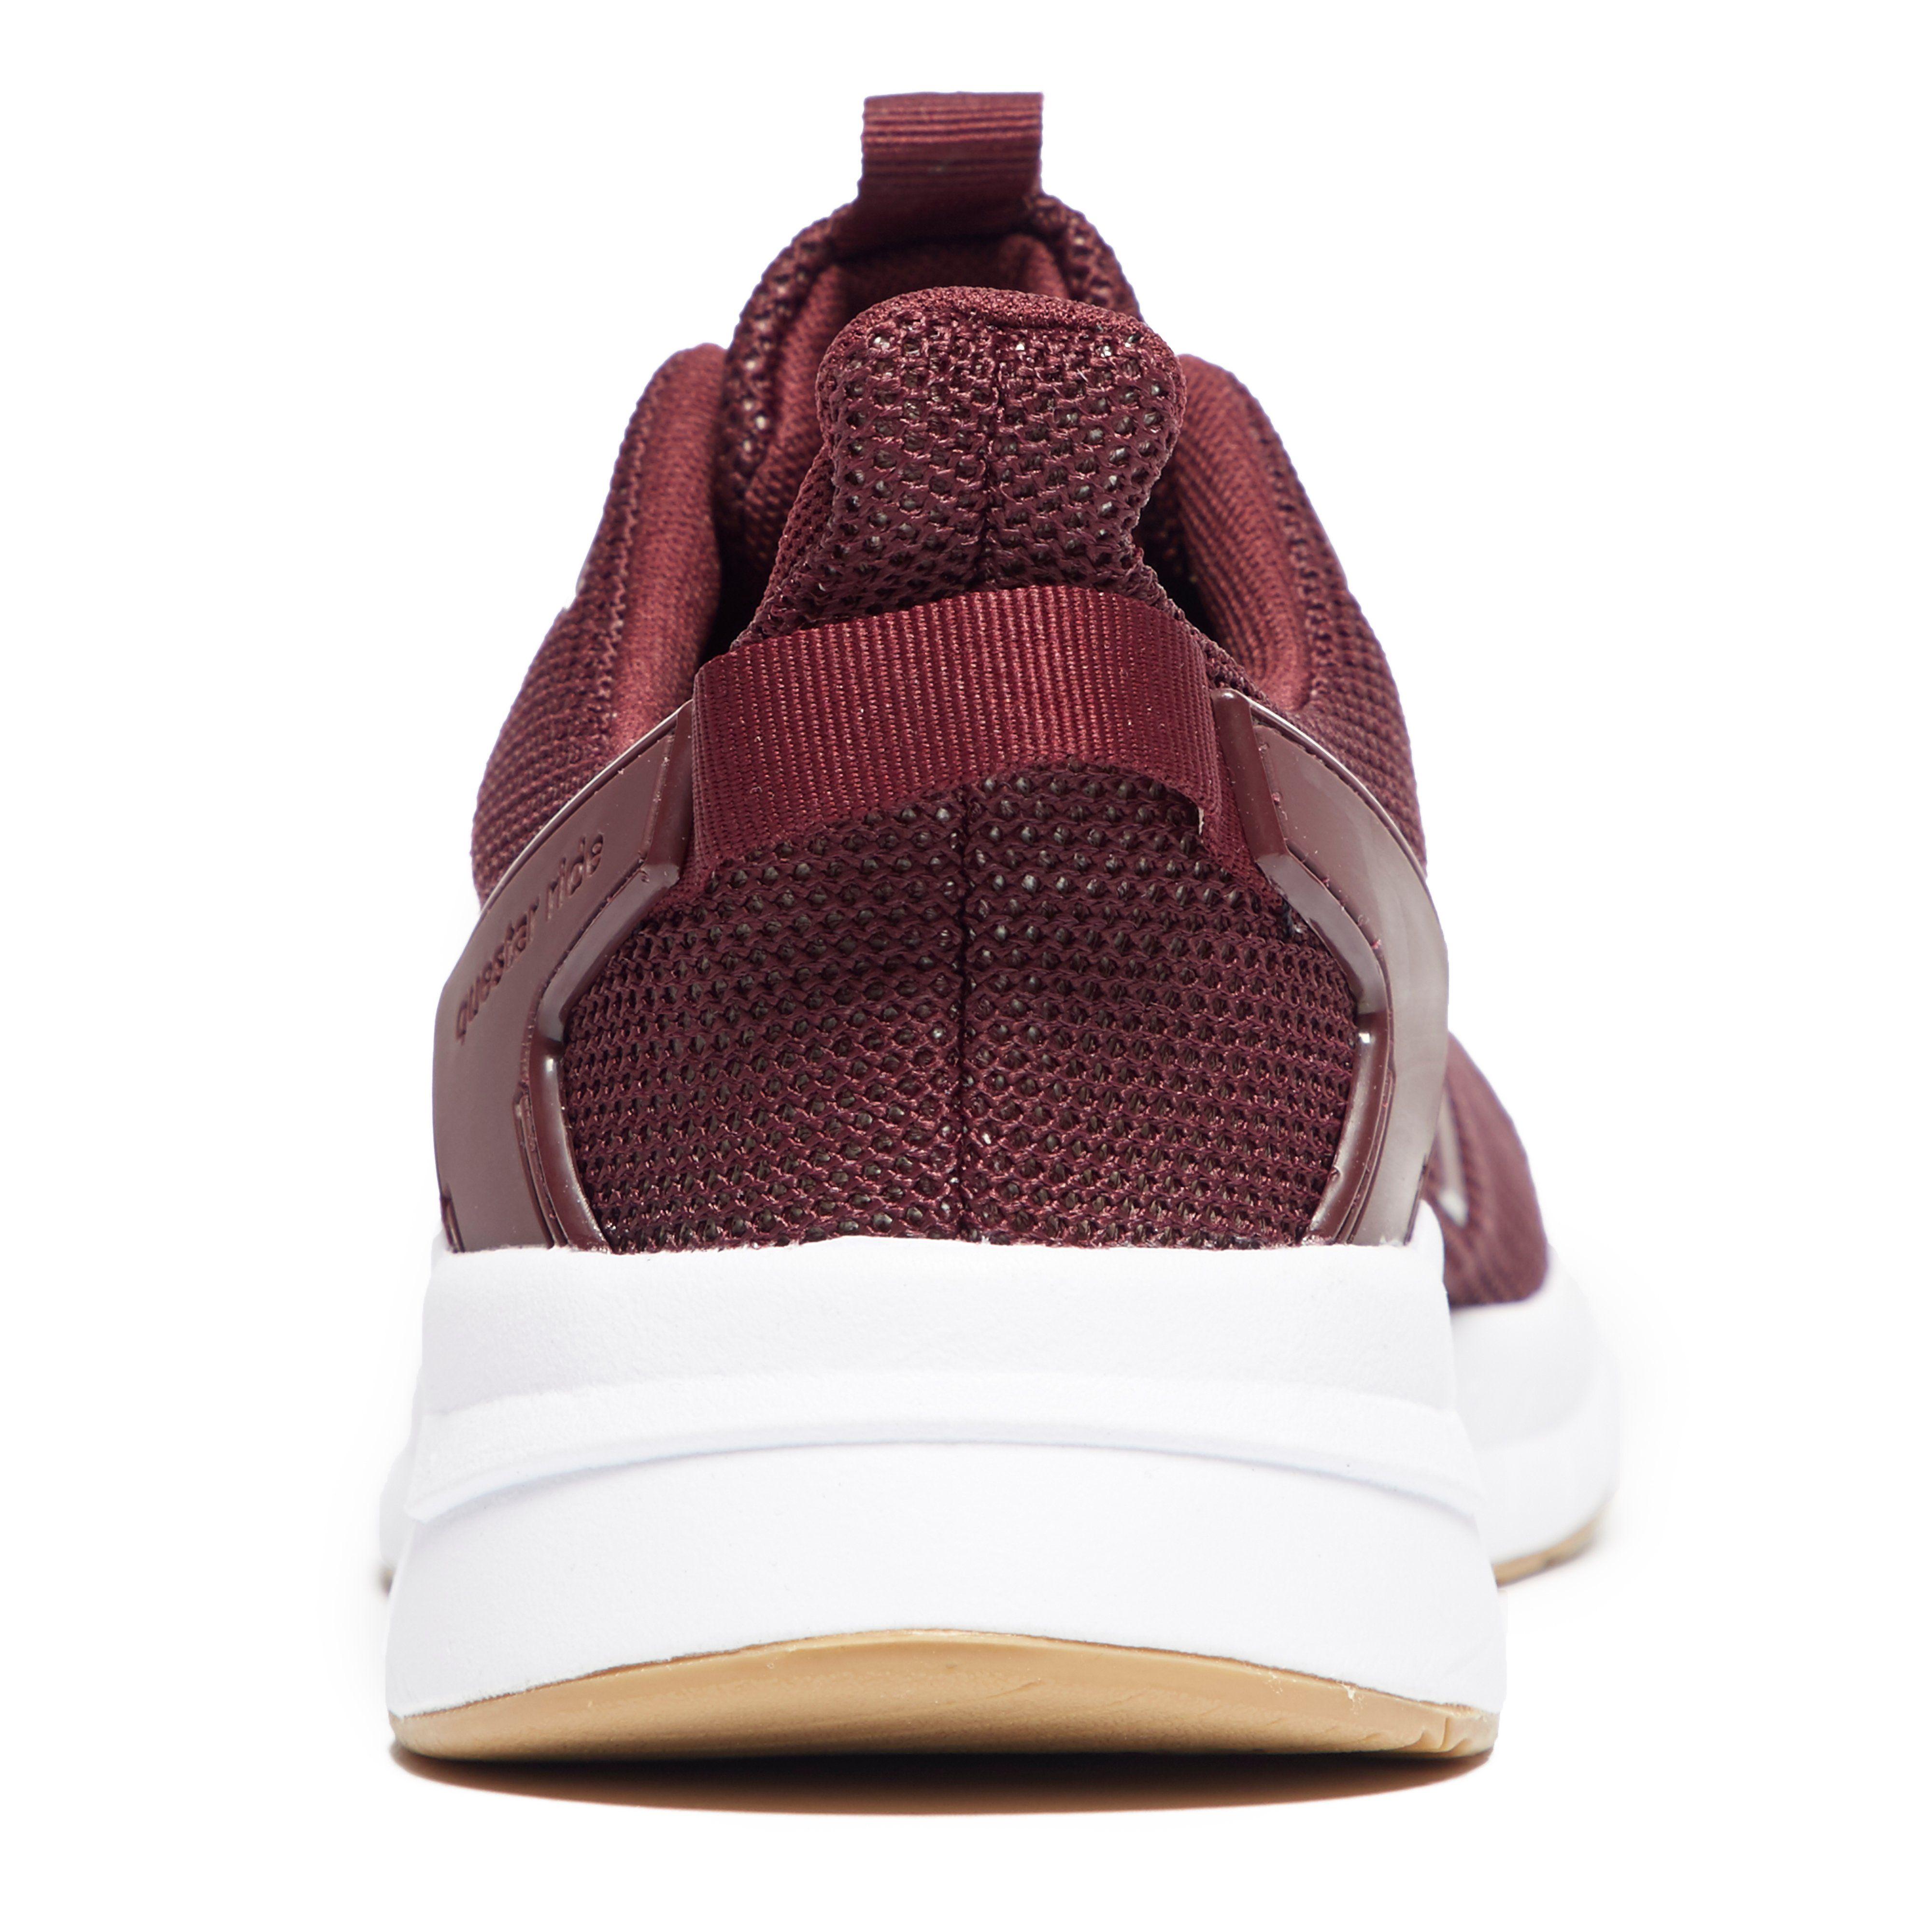 adidas Questar Ride Women's Running Shoes